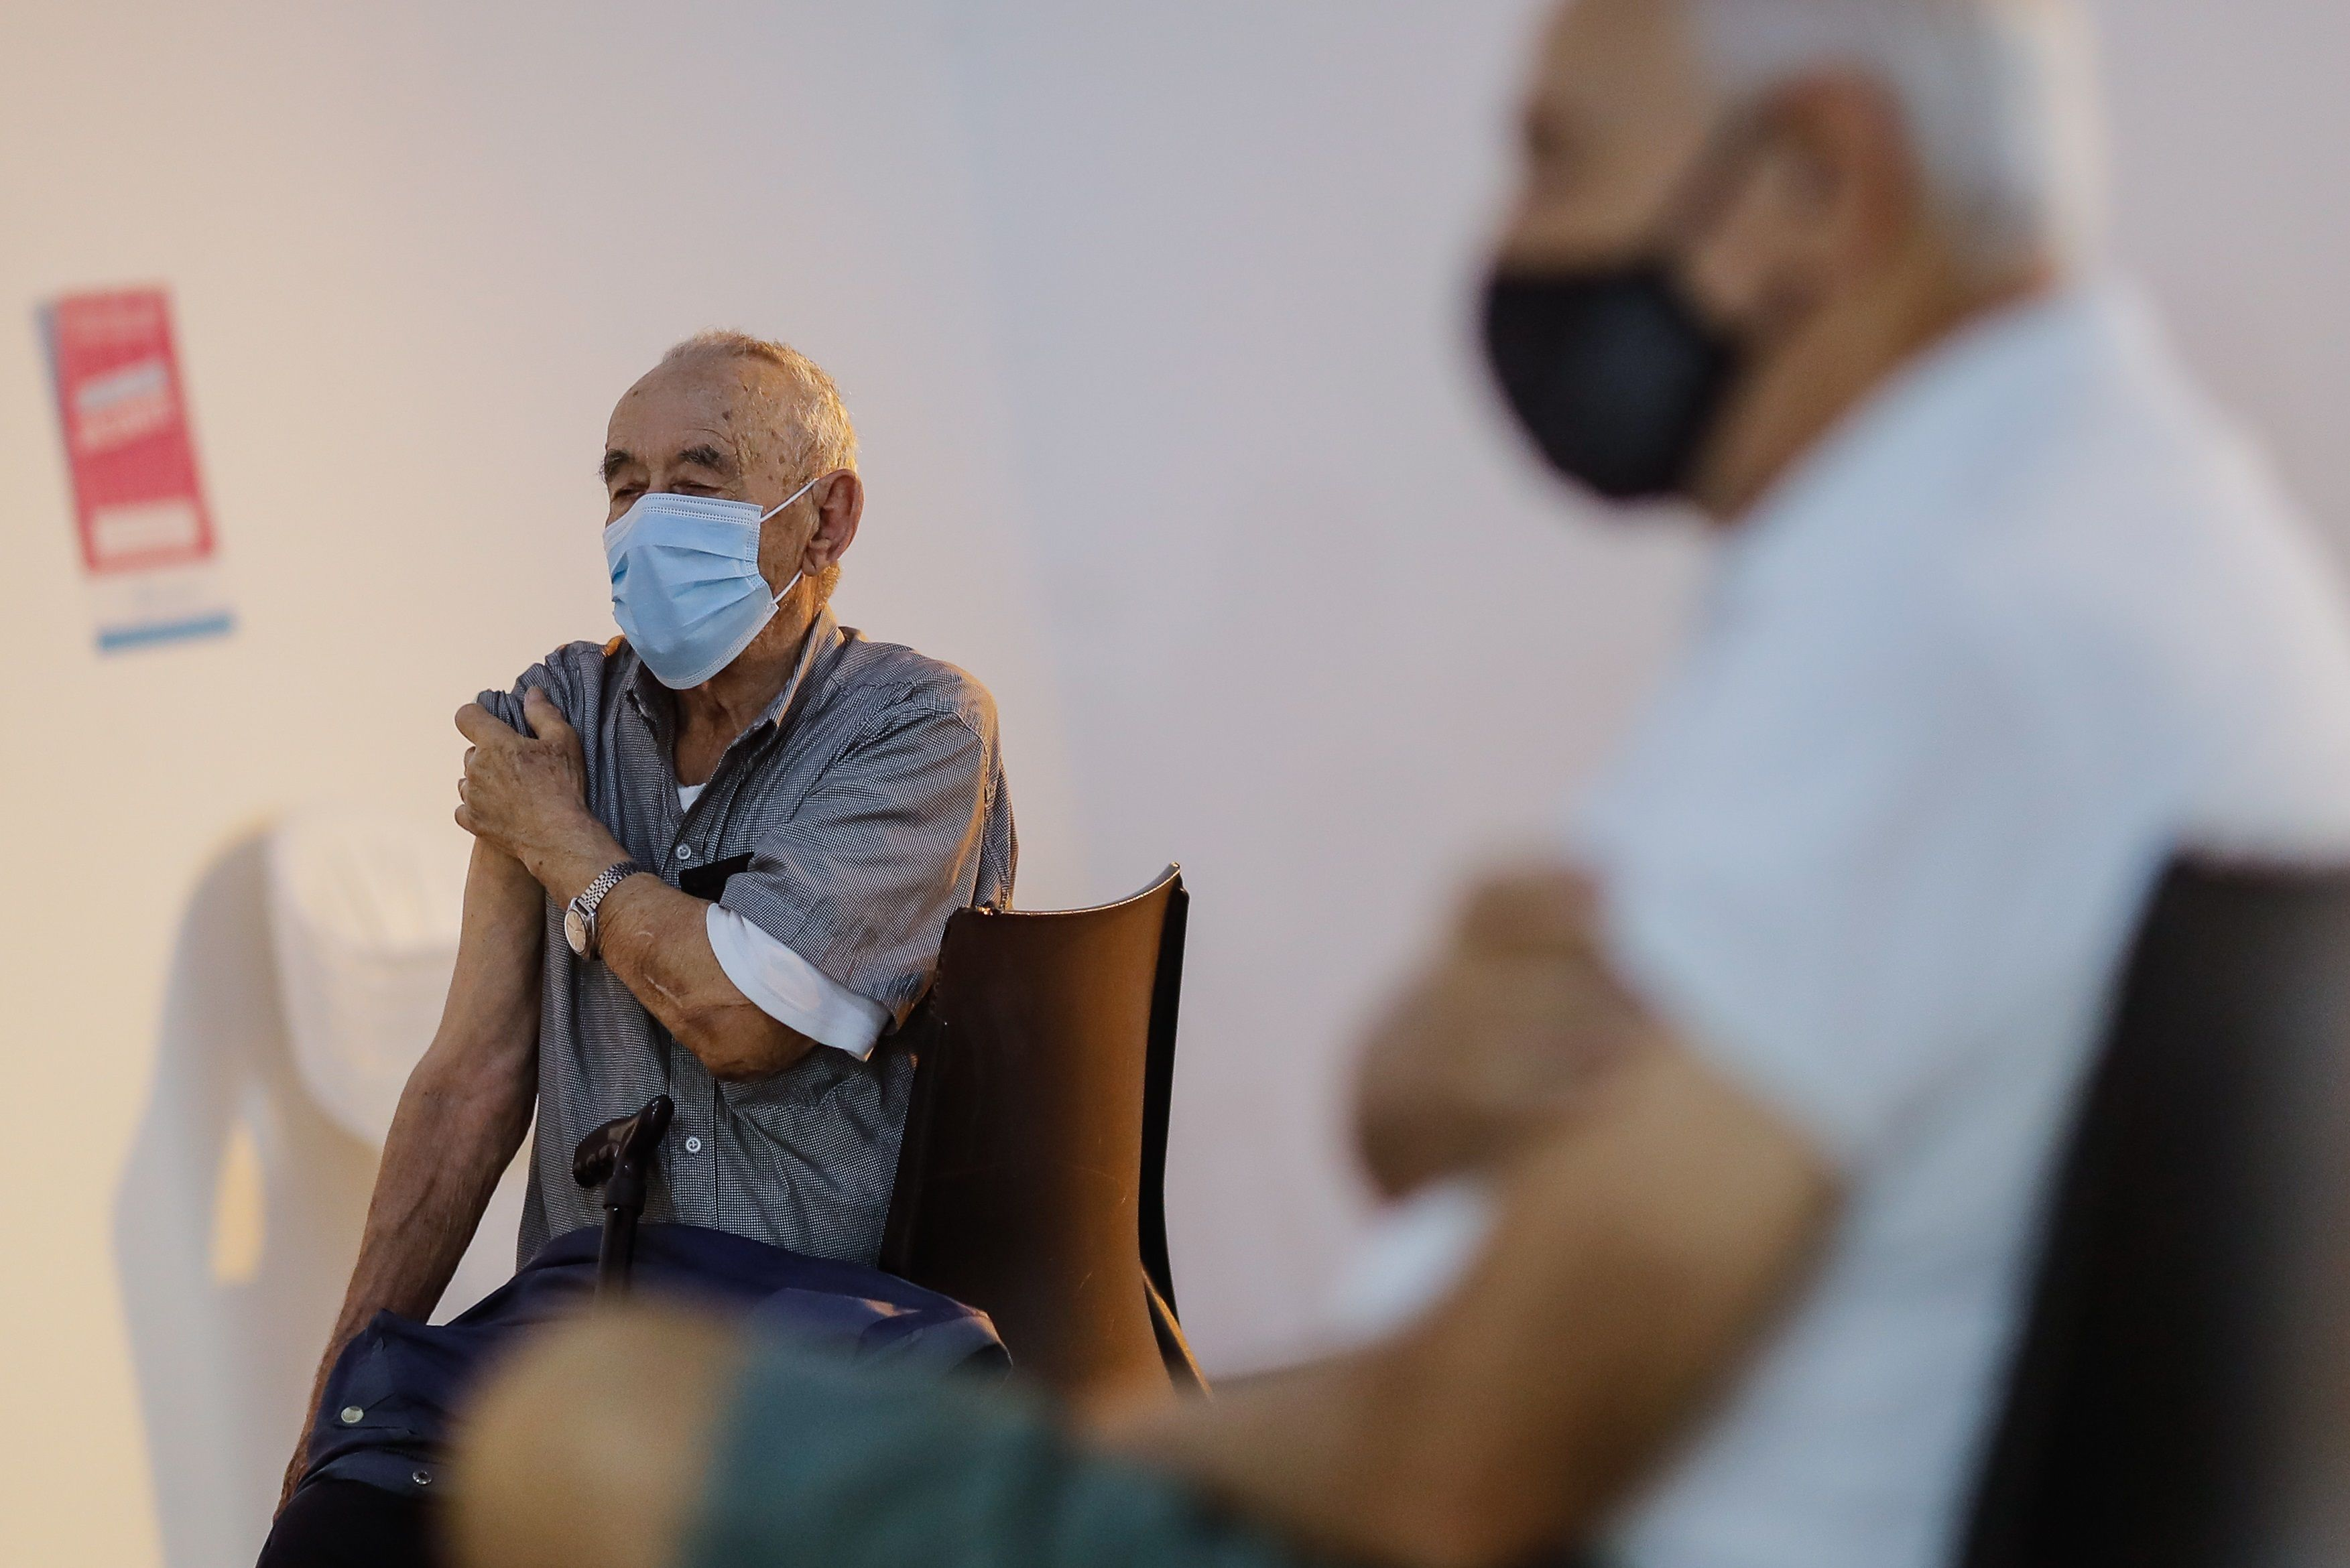 En el caso de las vacunas de Rusia y China que se aplican en la Argentina, hubo resoluciones del Ministerio para uso de emergencia ya que los laboratorios que las producen no tenían sede en Argentina (EFE/Juan Ignacio Roncoroni/Archivo)